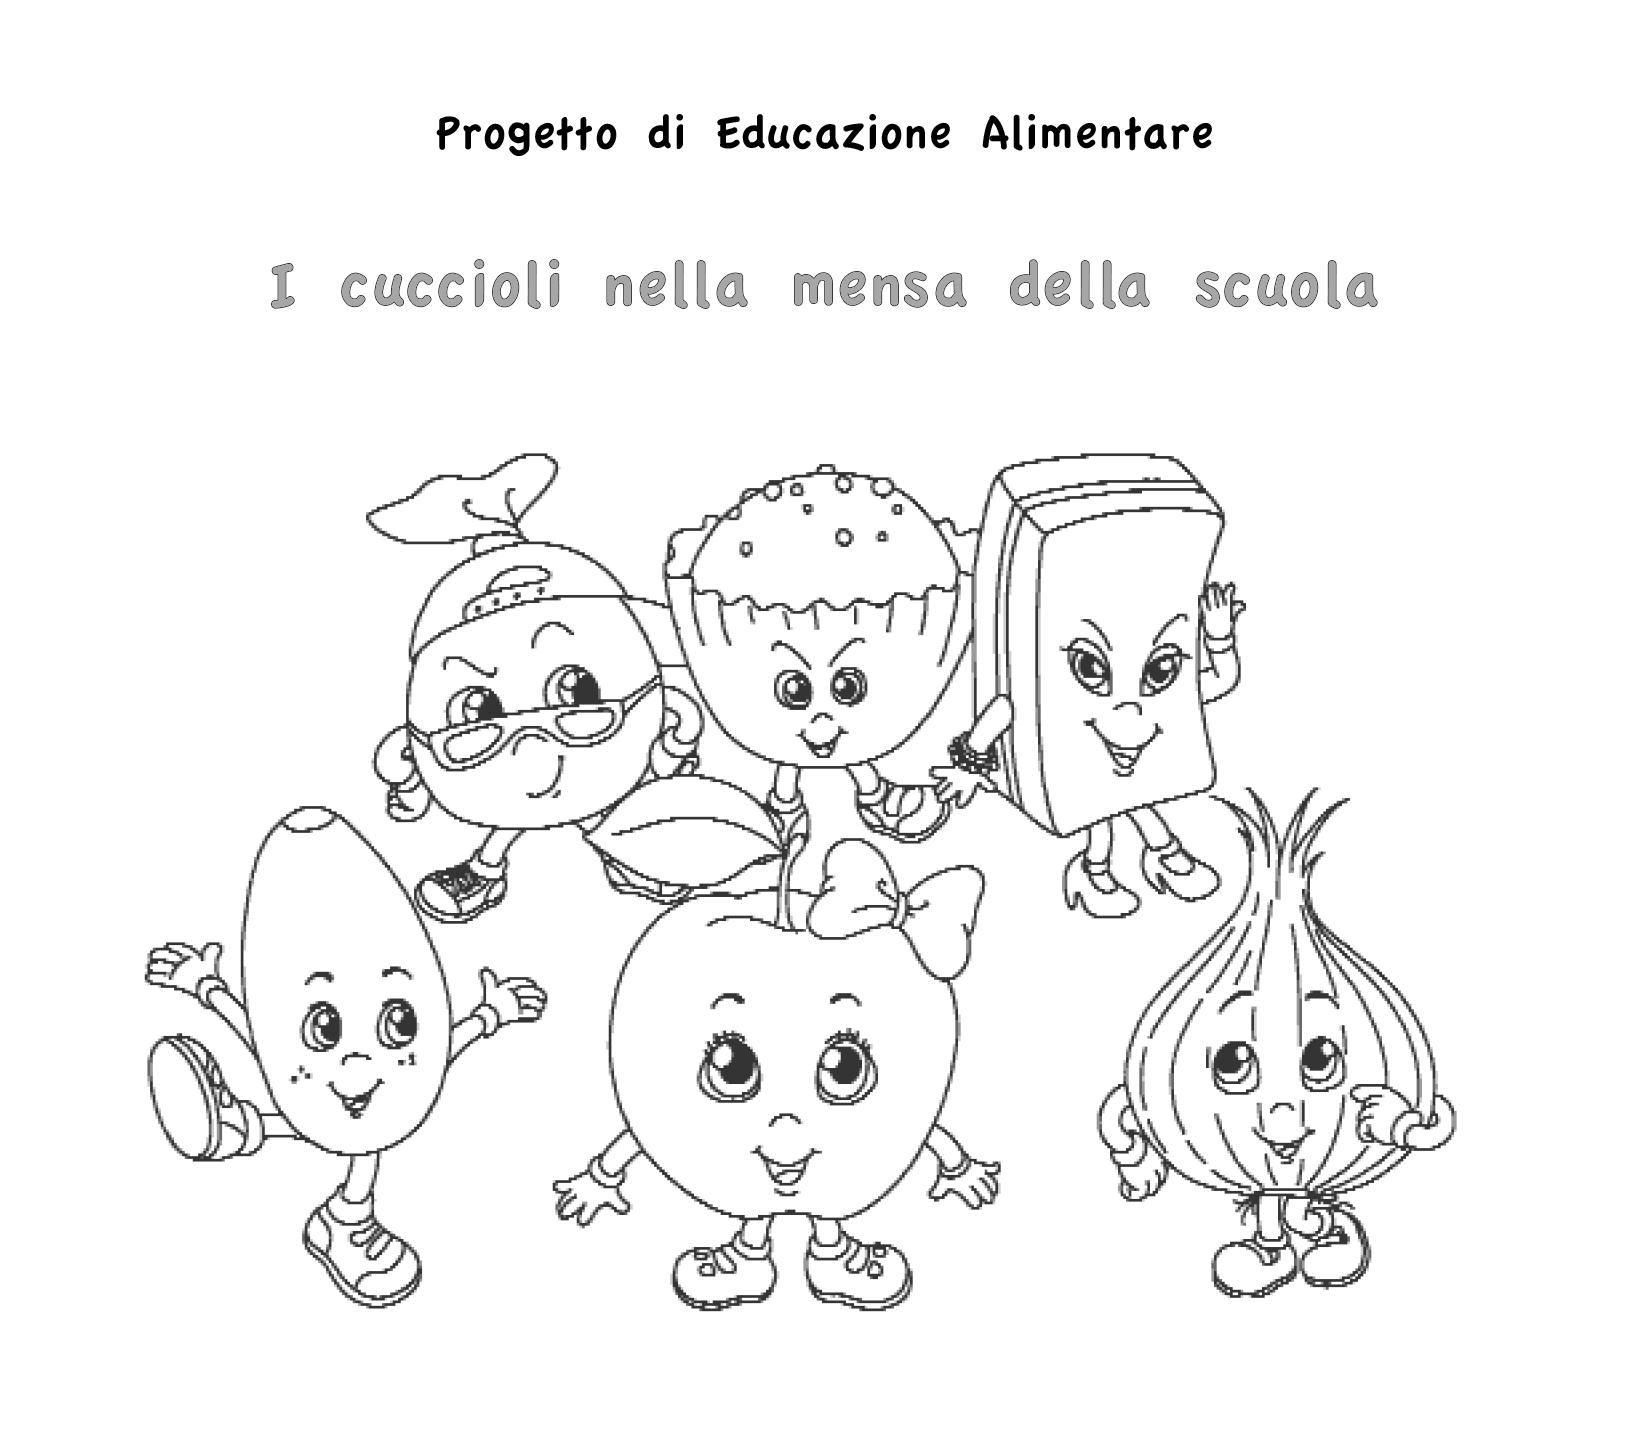 spesso Progetto didattico per bambini sull'alimentazione | Le news di  SJ74